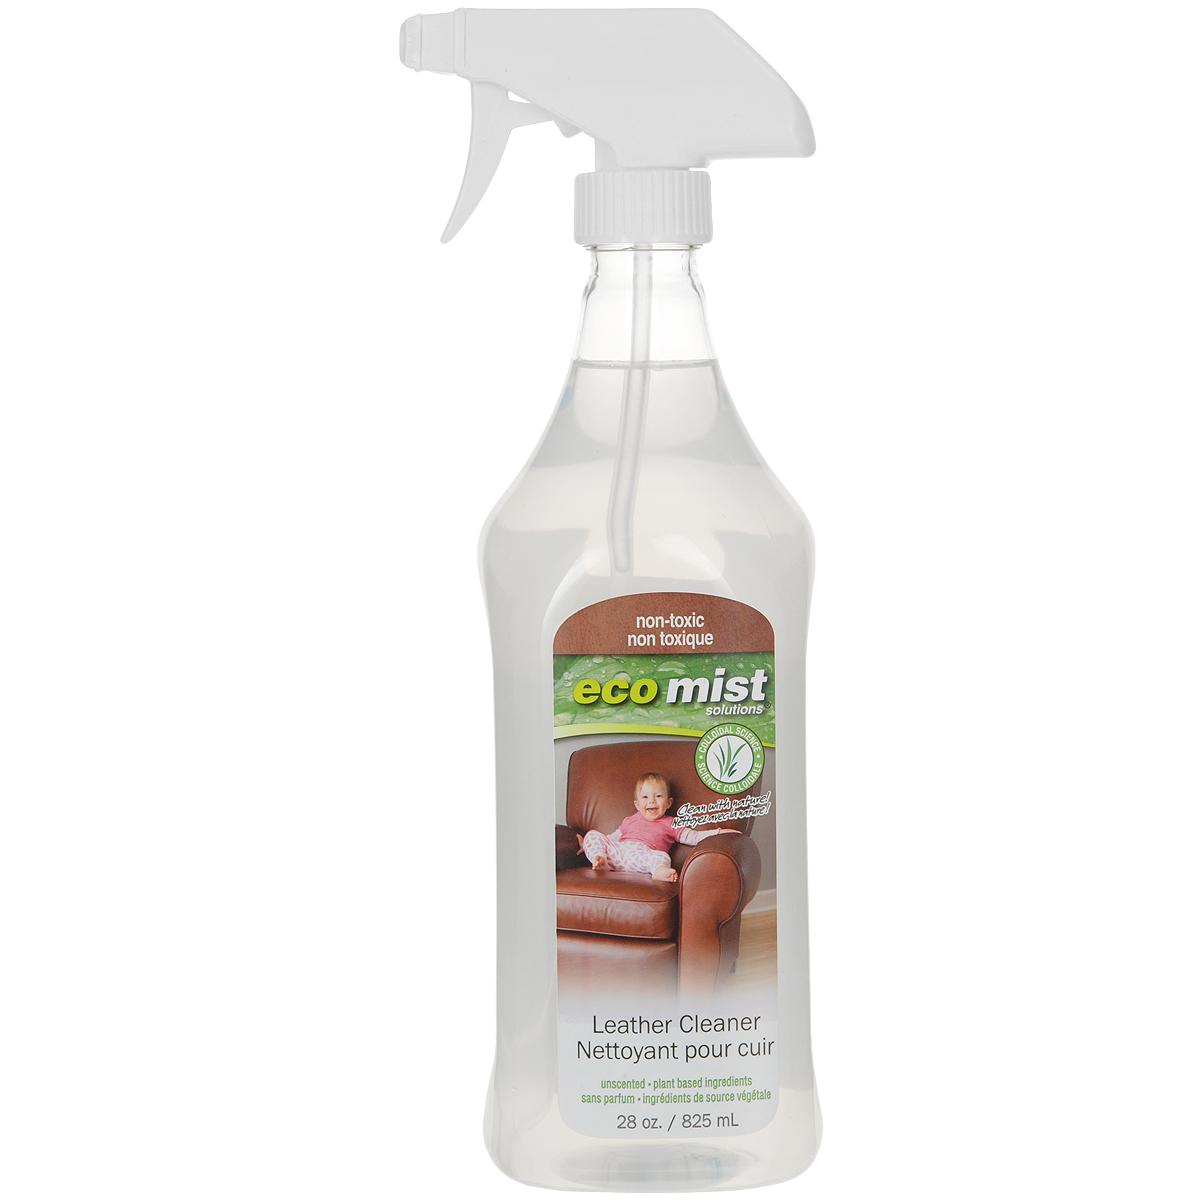 Средство для чистки натуральной кожи Eco Mist, 825 мл787502Известно,что очень сложно почистить профессионально в домашних условиях кожаную цветную мебель, т.к химические компоненты могут негативно сказаться на цвете, а также требуется дополнительное средство для пропитки. Инновационная формула средства Eco Mist на водной основе эффективно очищает, защищает от повторного загрязнения. Мебель приобретает первоначальный ухоженный и чистый вид.Состав: дехлорированная вода, экстракт зерновых, древесный сок, экстракт кукурузы, экстракт картофеля.